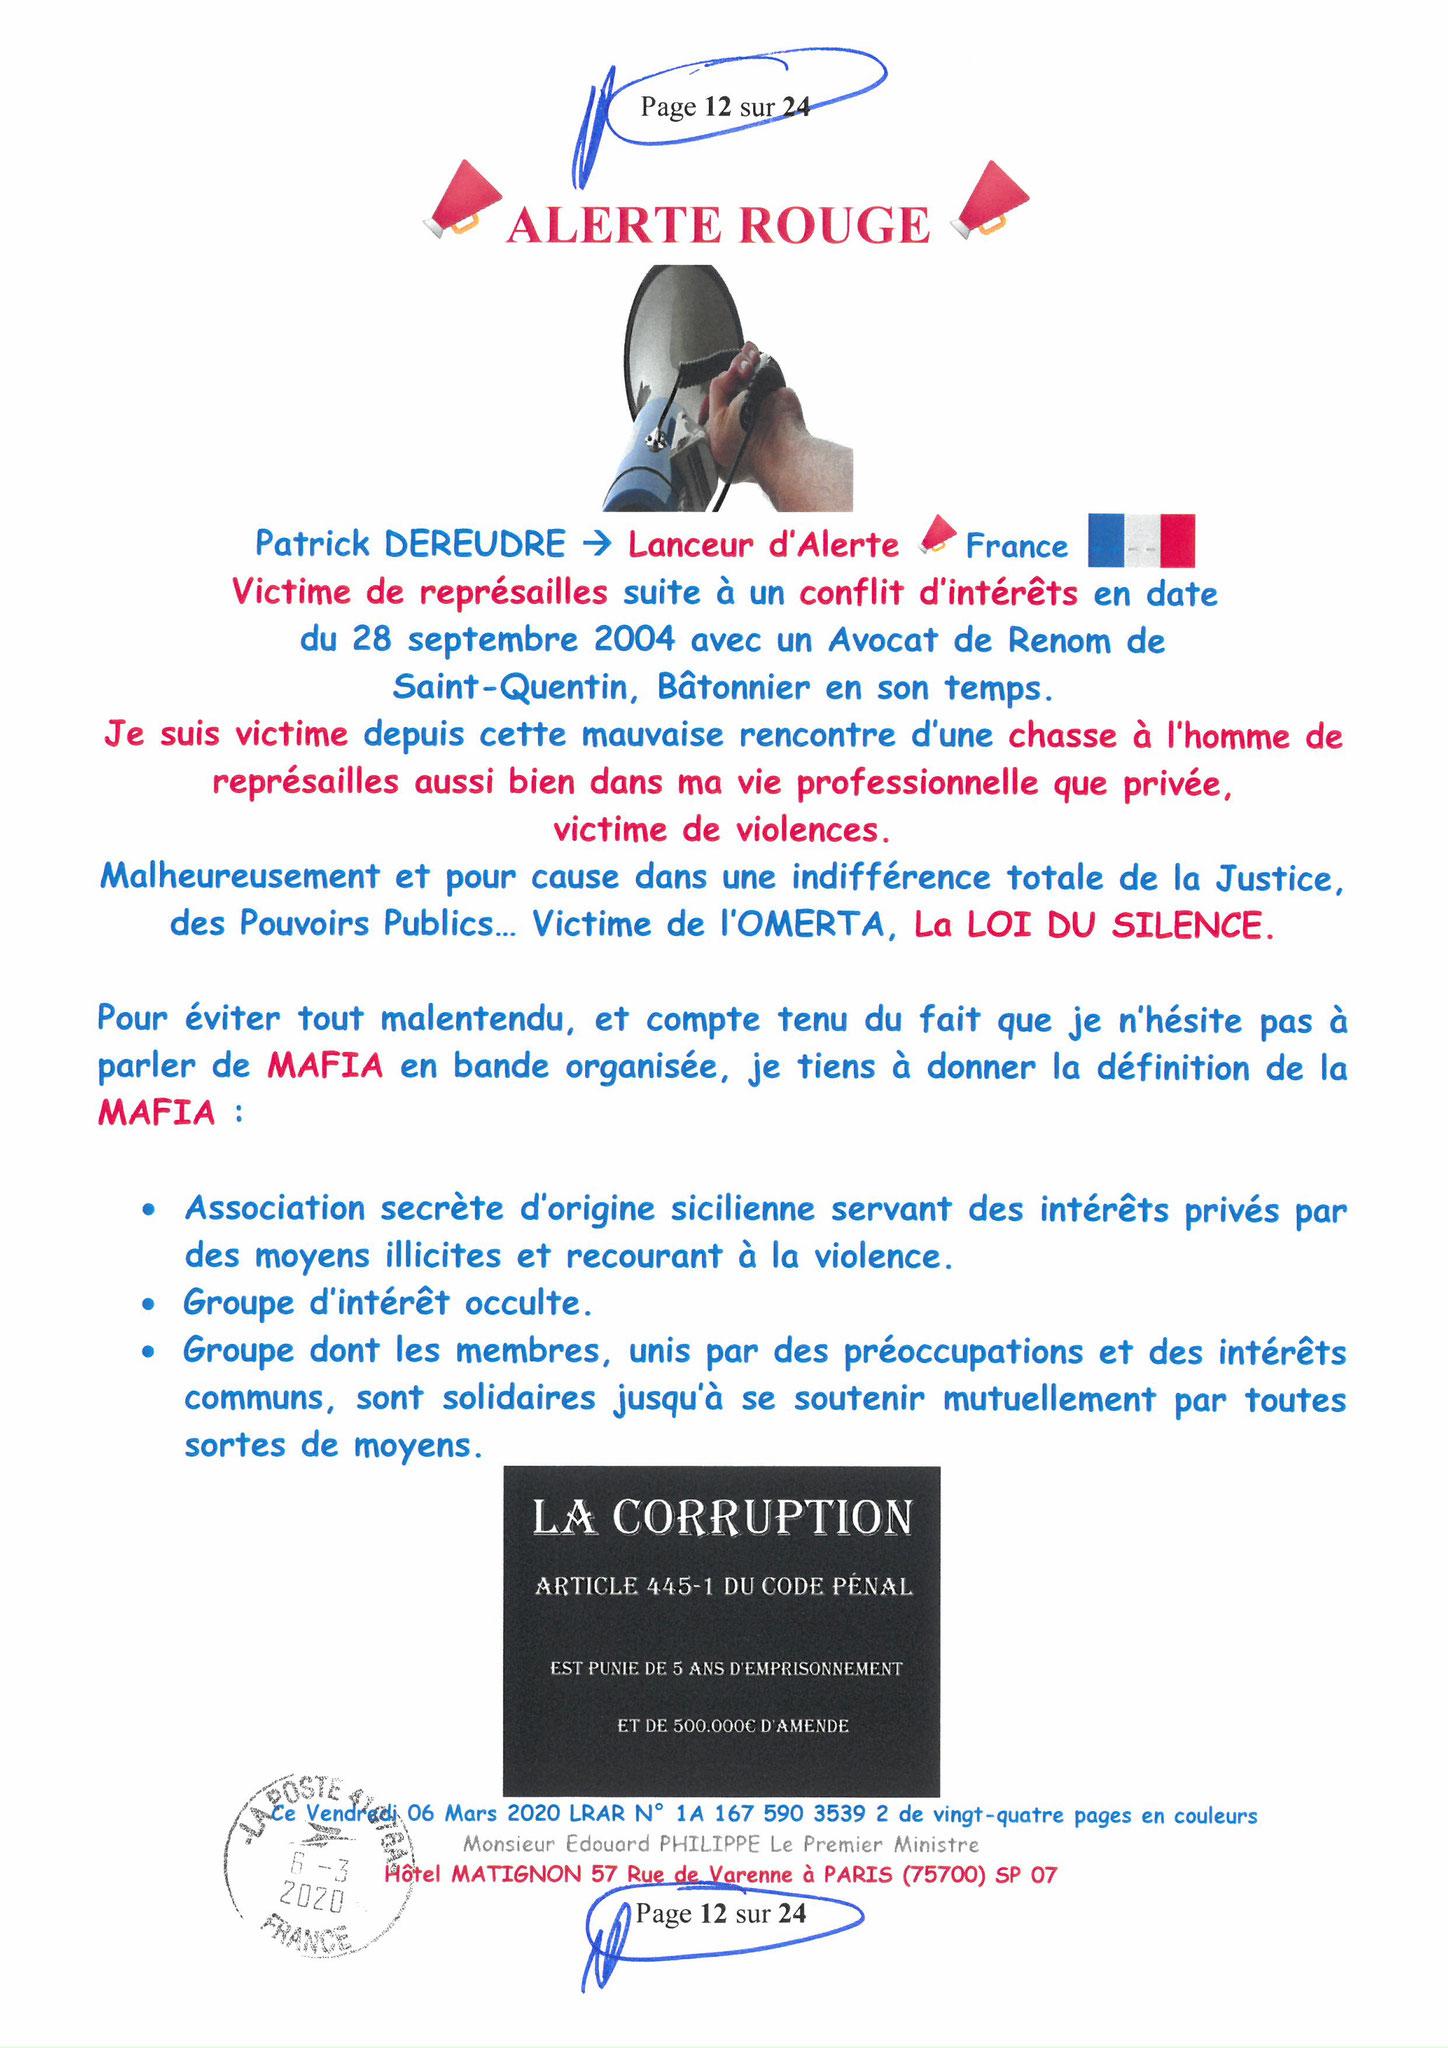 Ma LRAR à Monsieur le  Premier Ministre Edouard PHILIPPE N° 1A 167 590 3539 2 Page 12 sur 24 en Couleur du 06 Mars 2020  www.jesuispatrick.fr www.jesuisvictime.fr www.alerte-rouge-france.fr